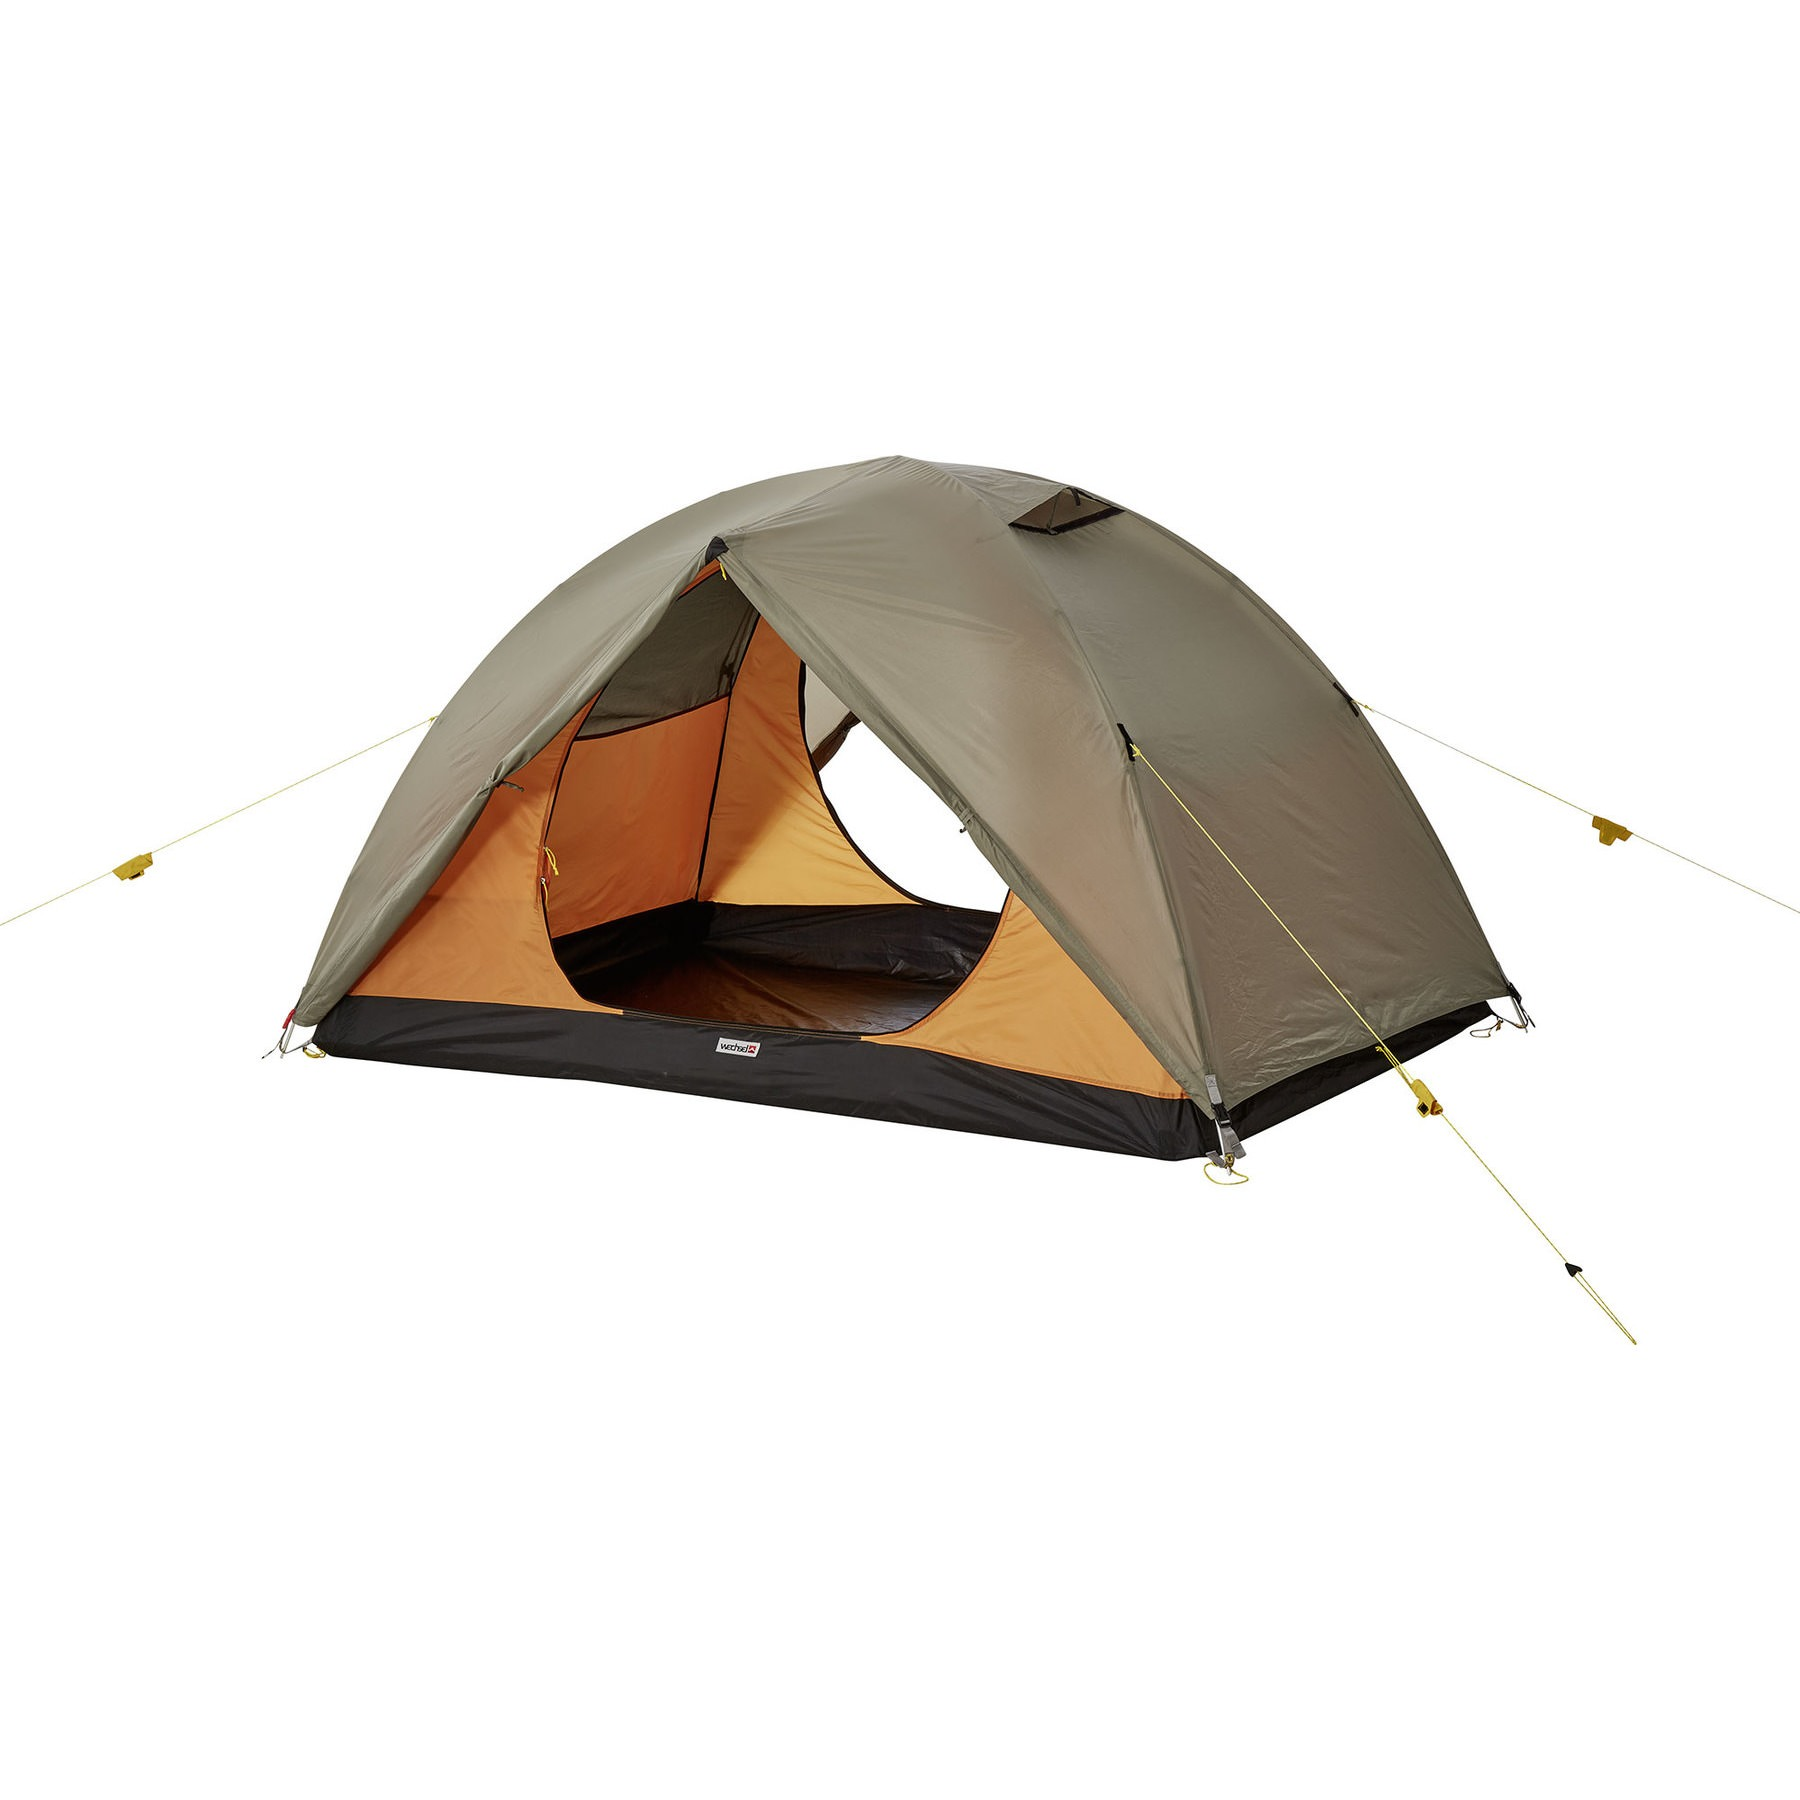 6 Pack Lashing Straps Sleeping Bags Camping Emergency Awning Straps